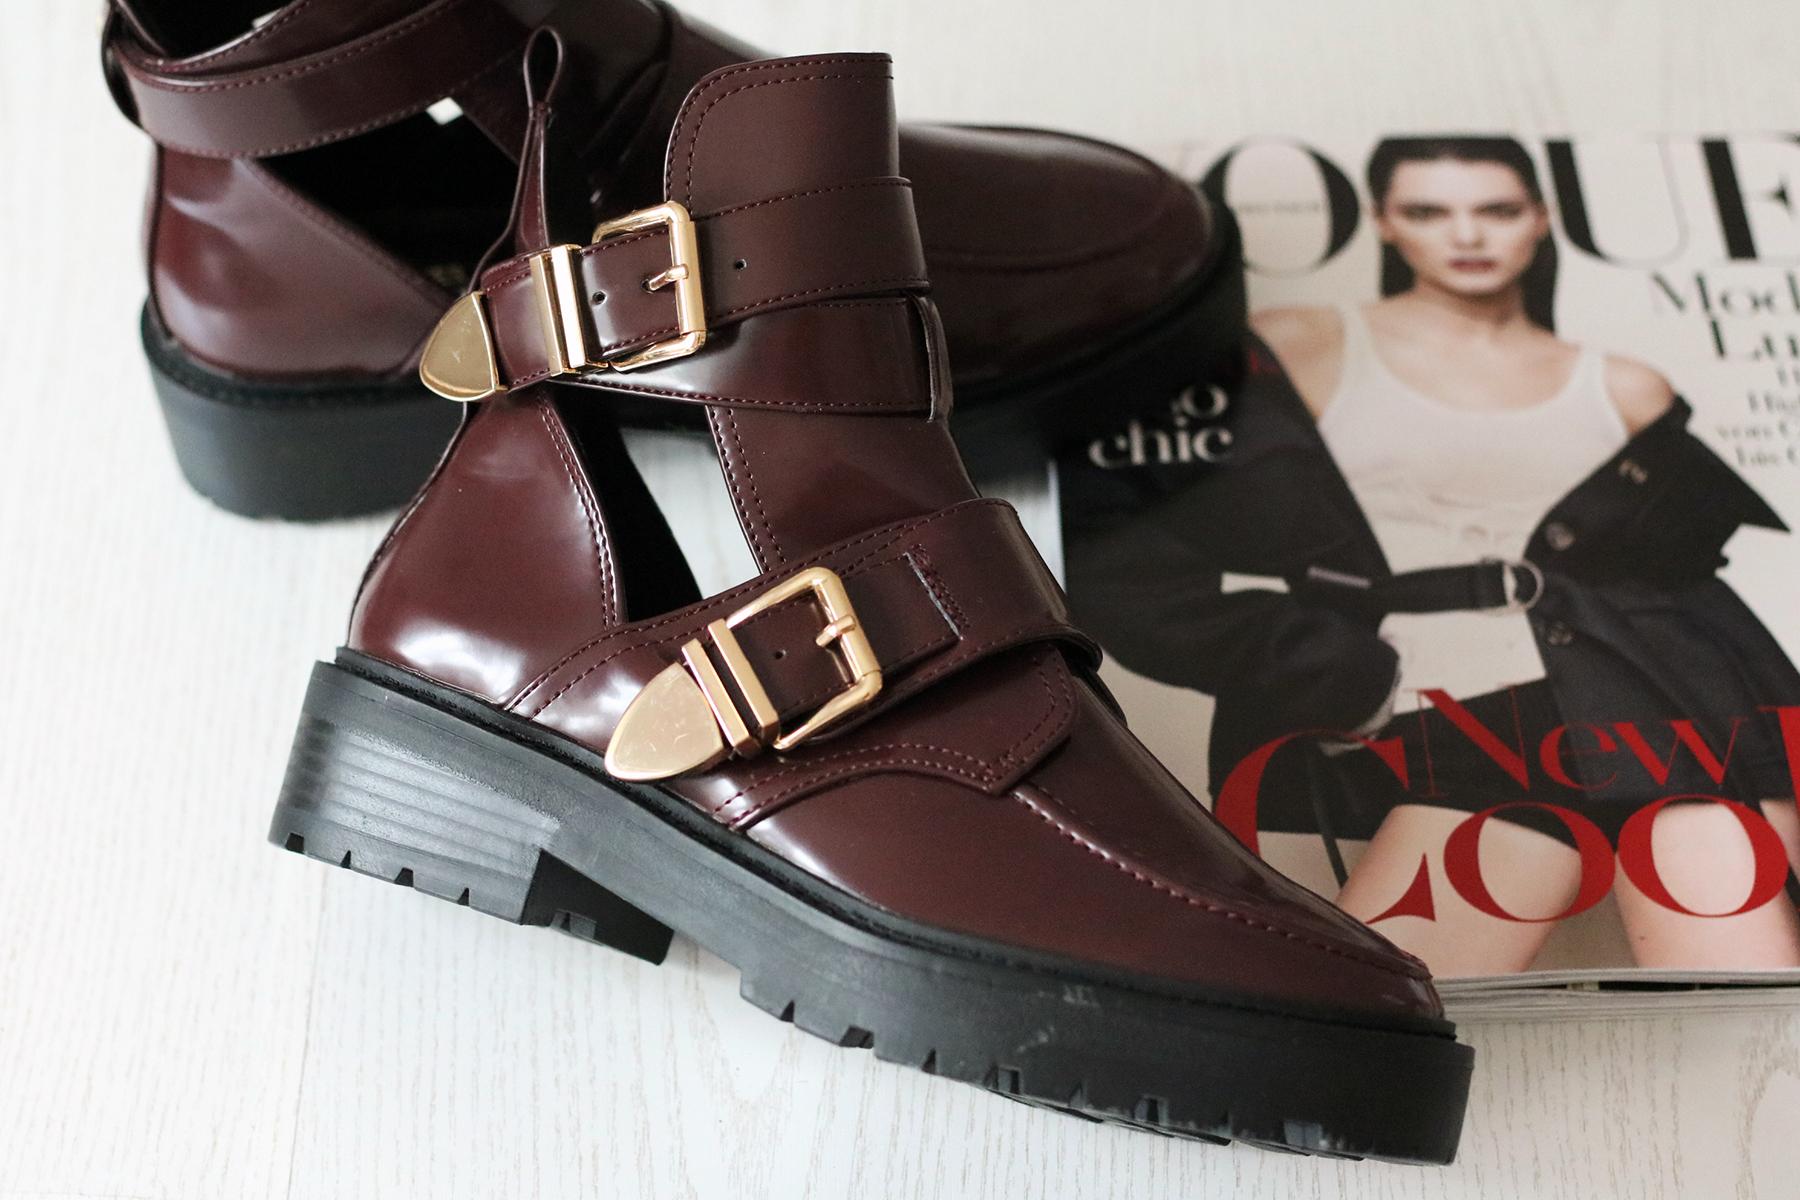 collonil-schuhe-boots-herbst-winter-liebste-modeblog-pflege11-balenciaga2